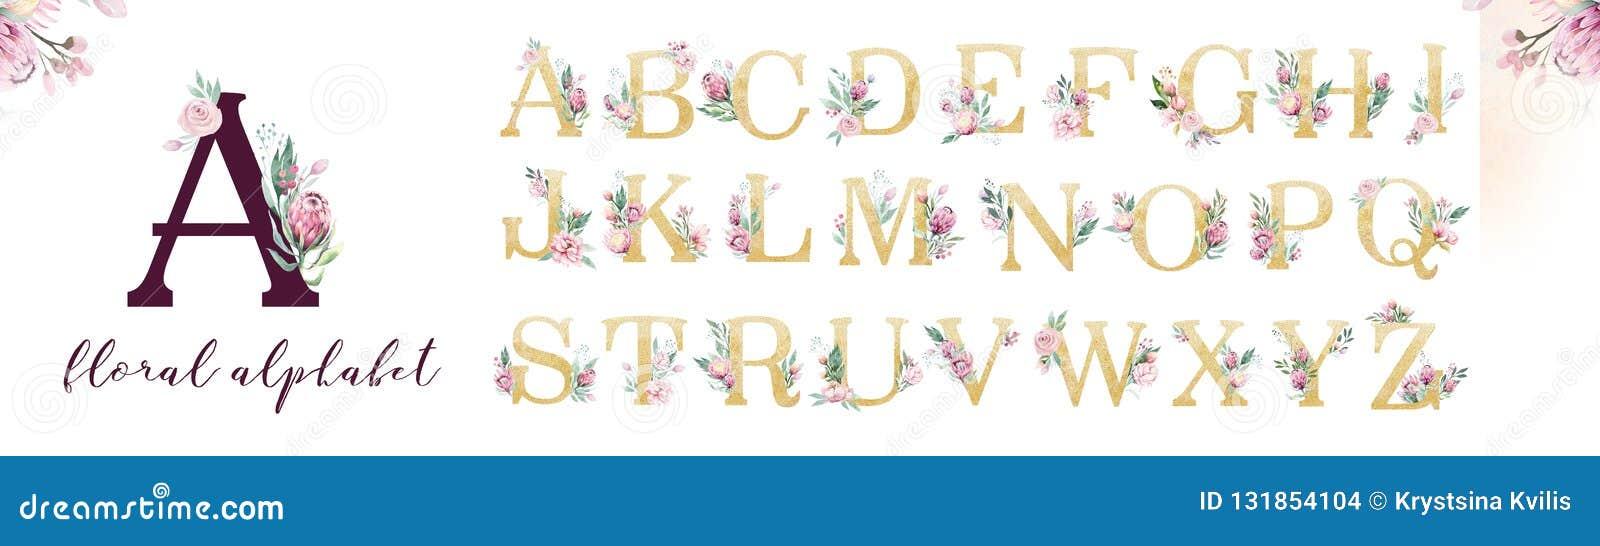 Guld blänker bokstavsalfabet Isolerade guld- alfabetiska stilsorter och nummer på vit bakgrund Blom- gifta sig stilsortstext